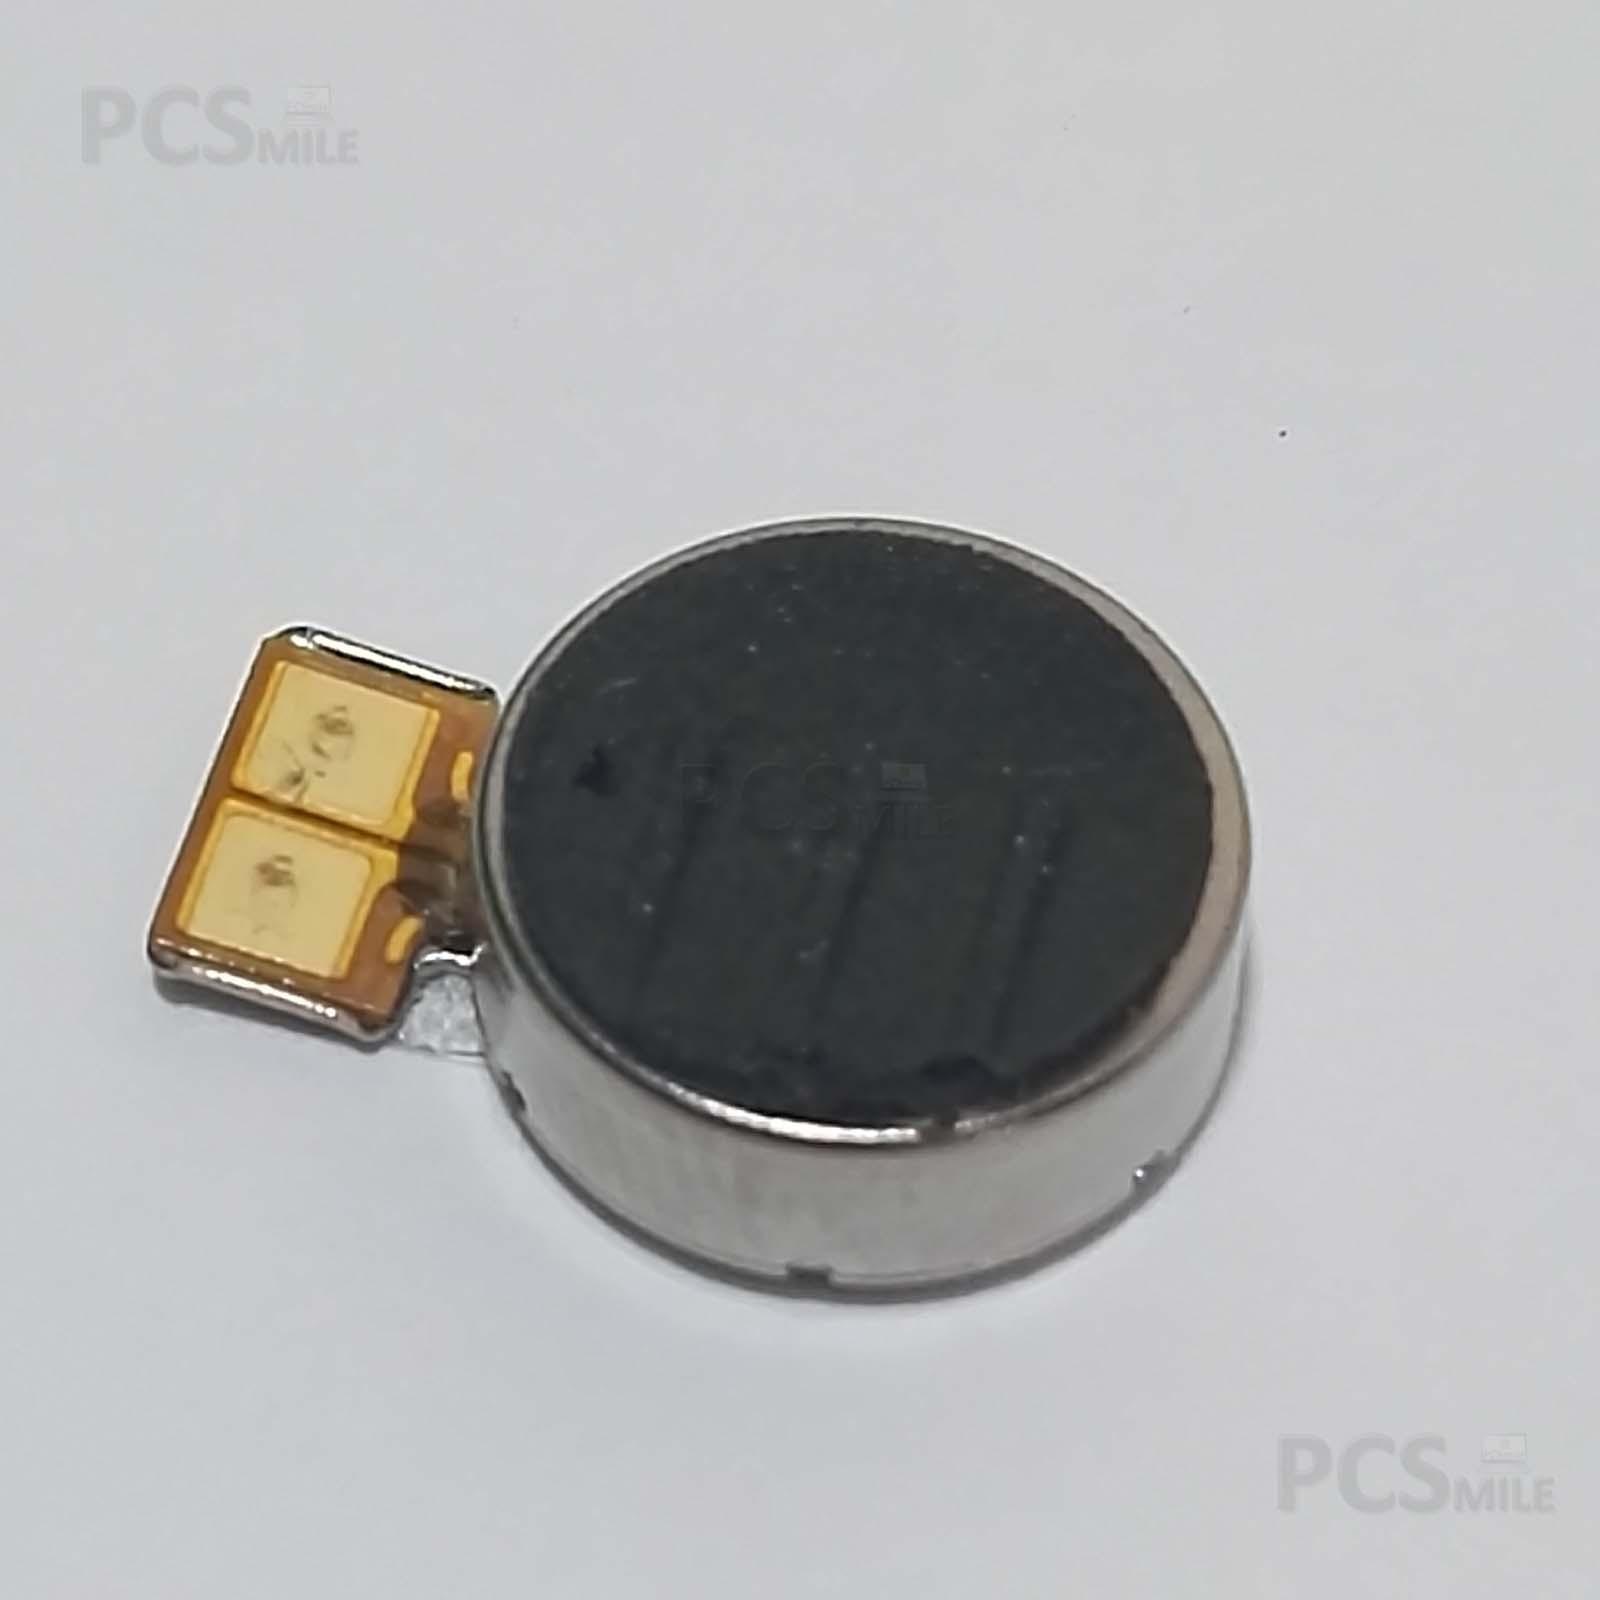 Vibrazione originale Samsung Galaxy Tab E SM-T561 motorino vibracall